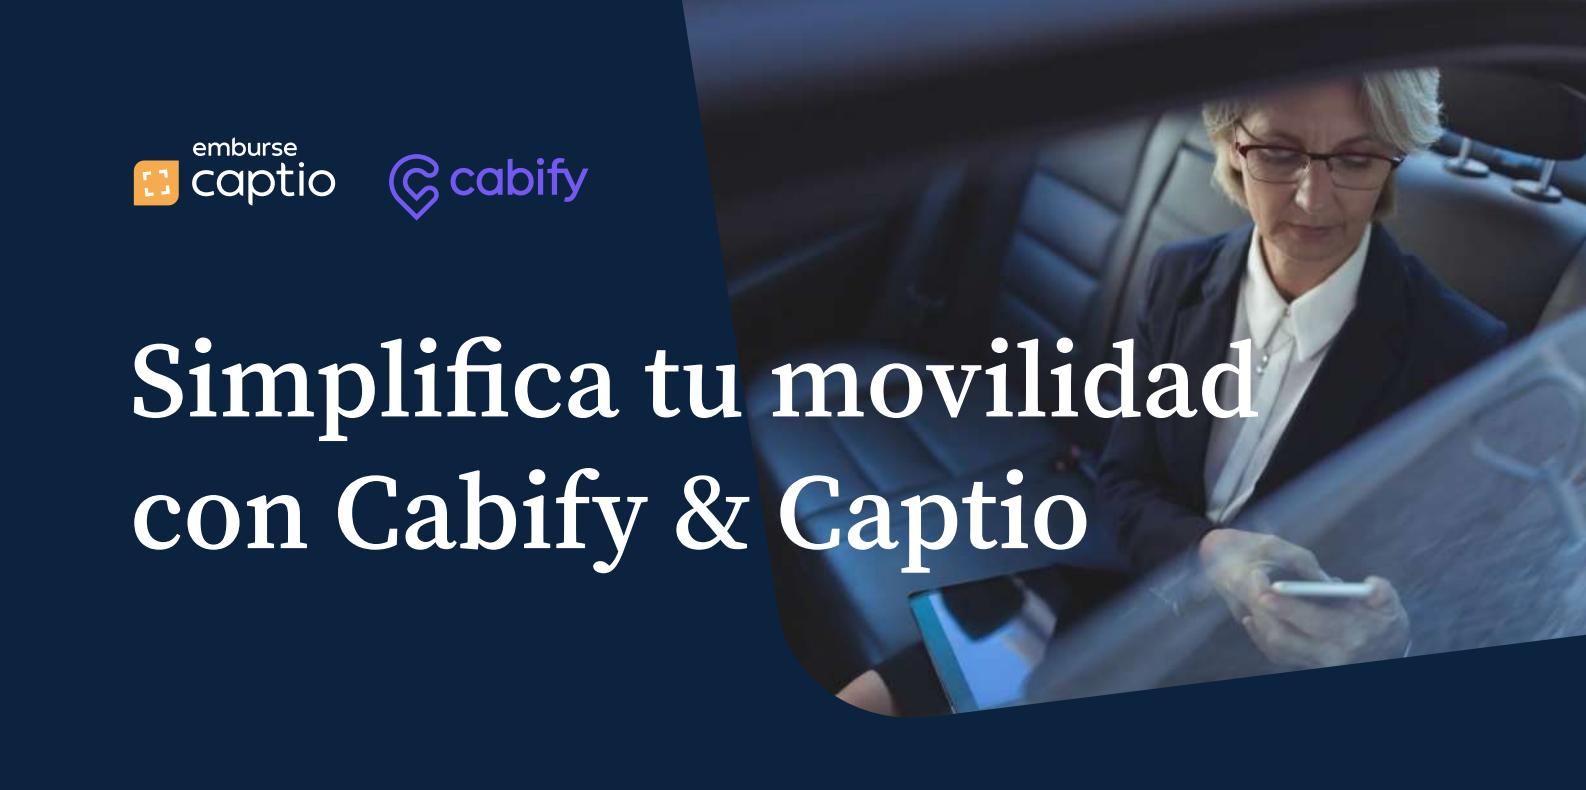 Emburse Captio y Cabify se integran para simplificar la movilidad de las empresas